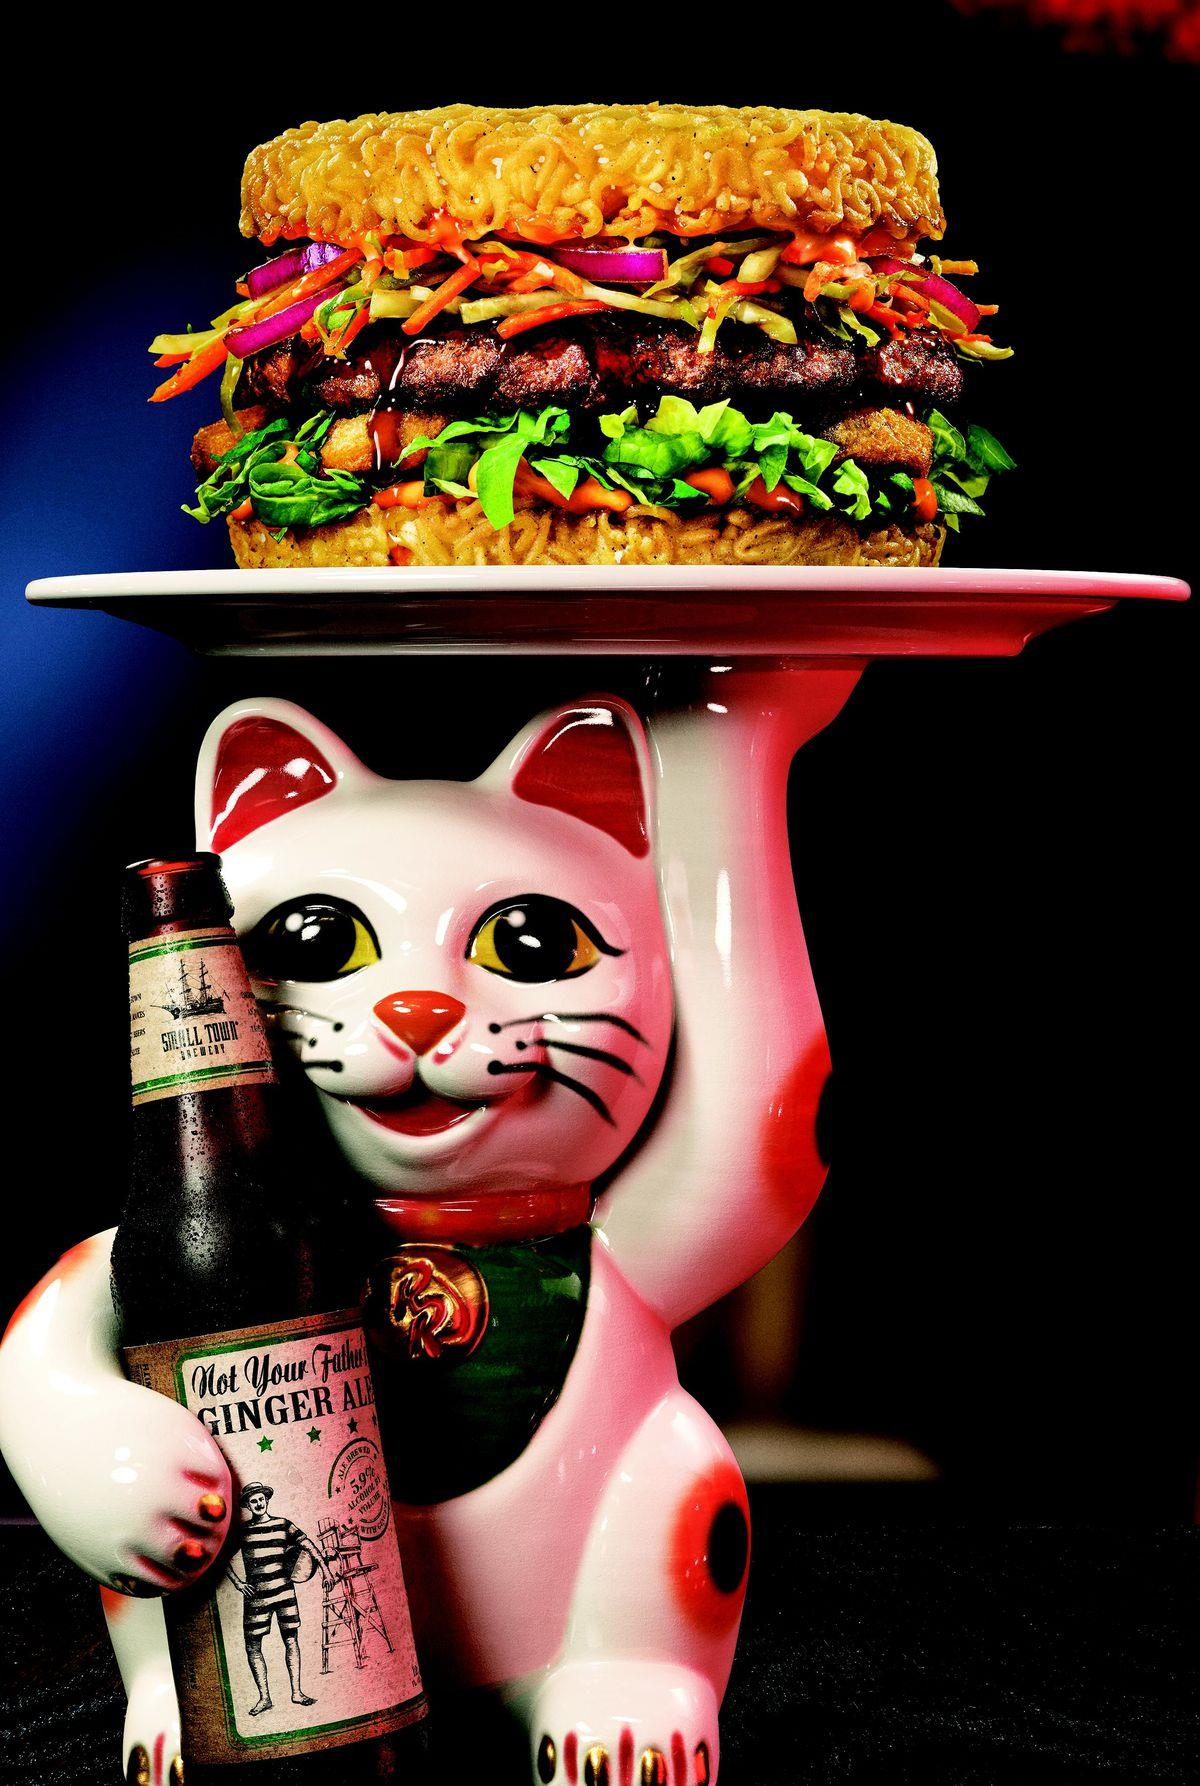 Il ramen burger di Keizo Shimamoto